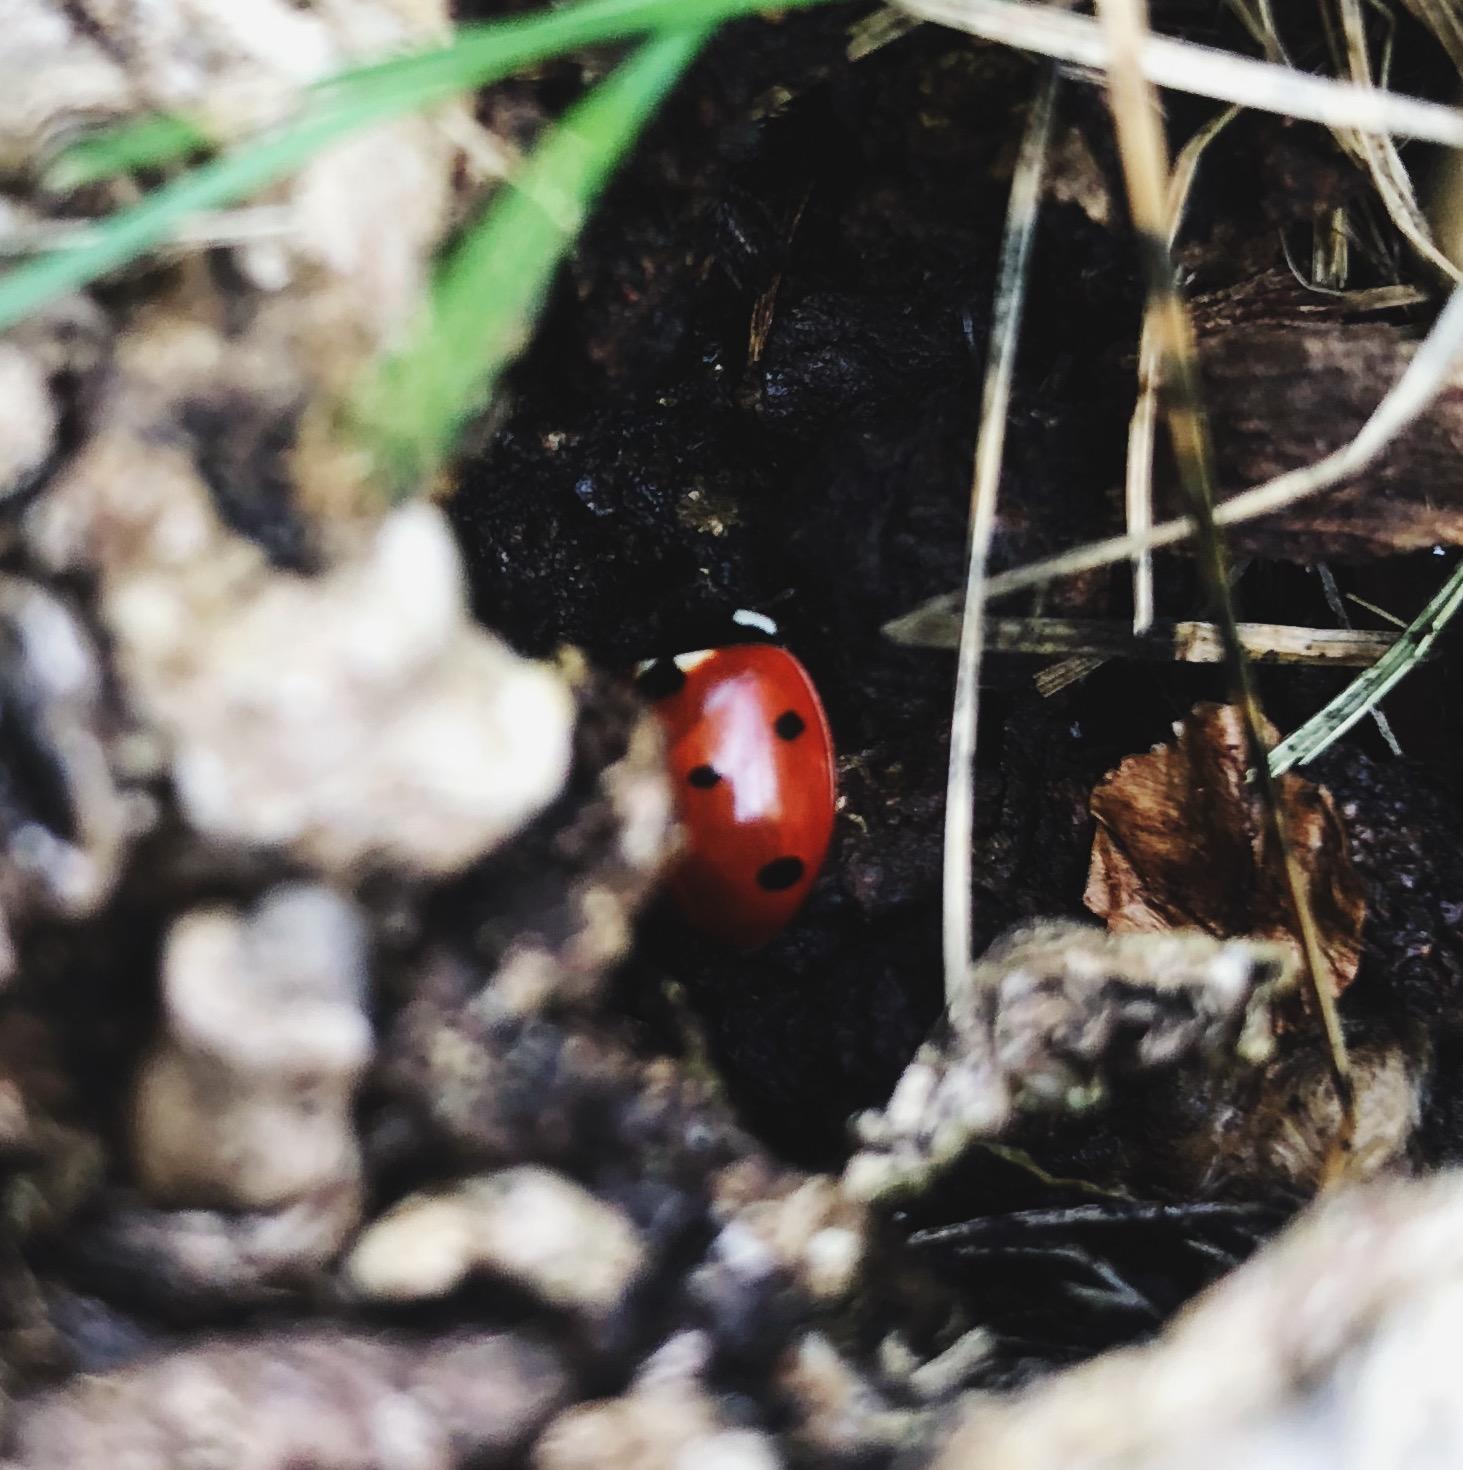 Lovely ladybug